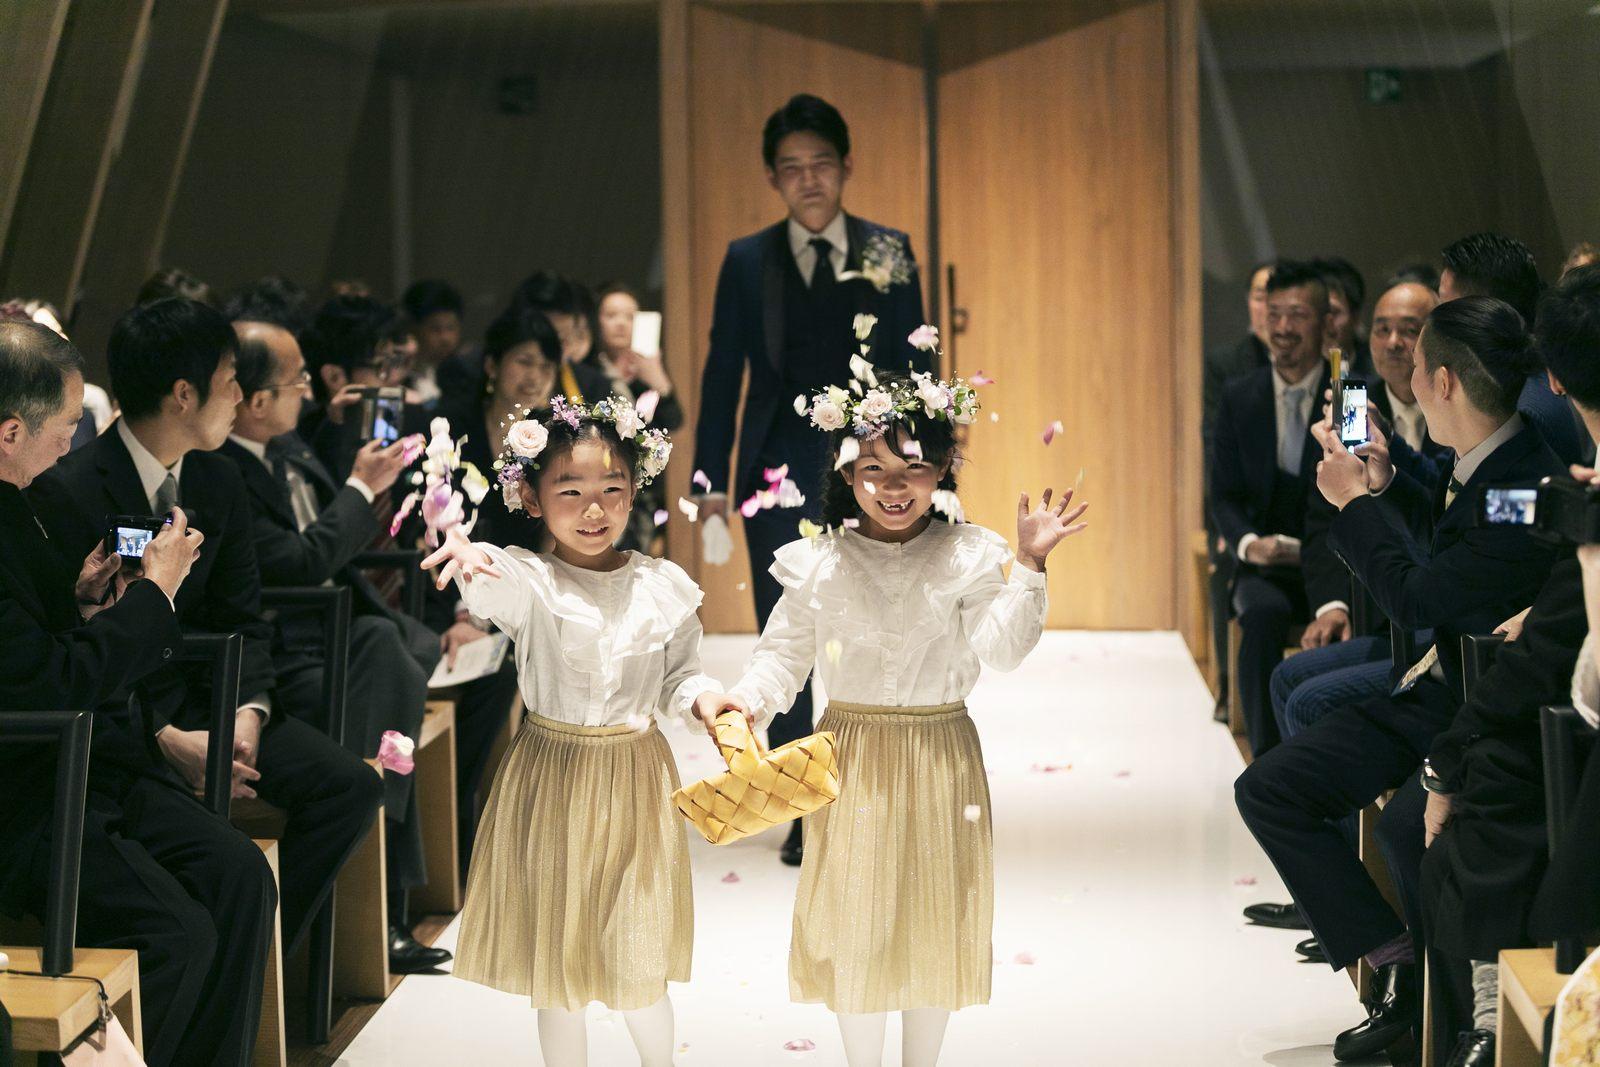 香川県高松市の結婚式場アナザースタイルのチャペル入場でフラワーガール